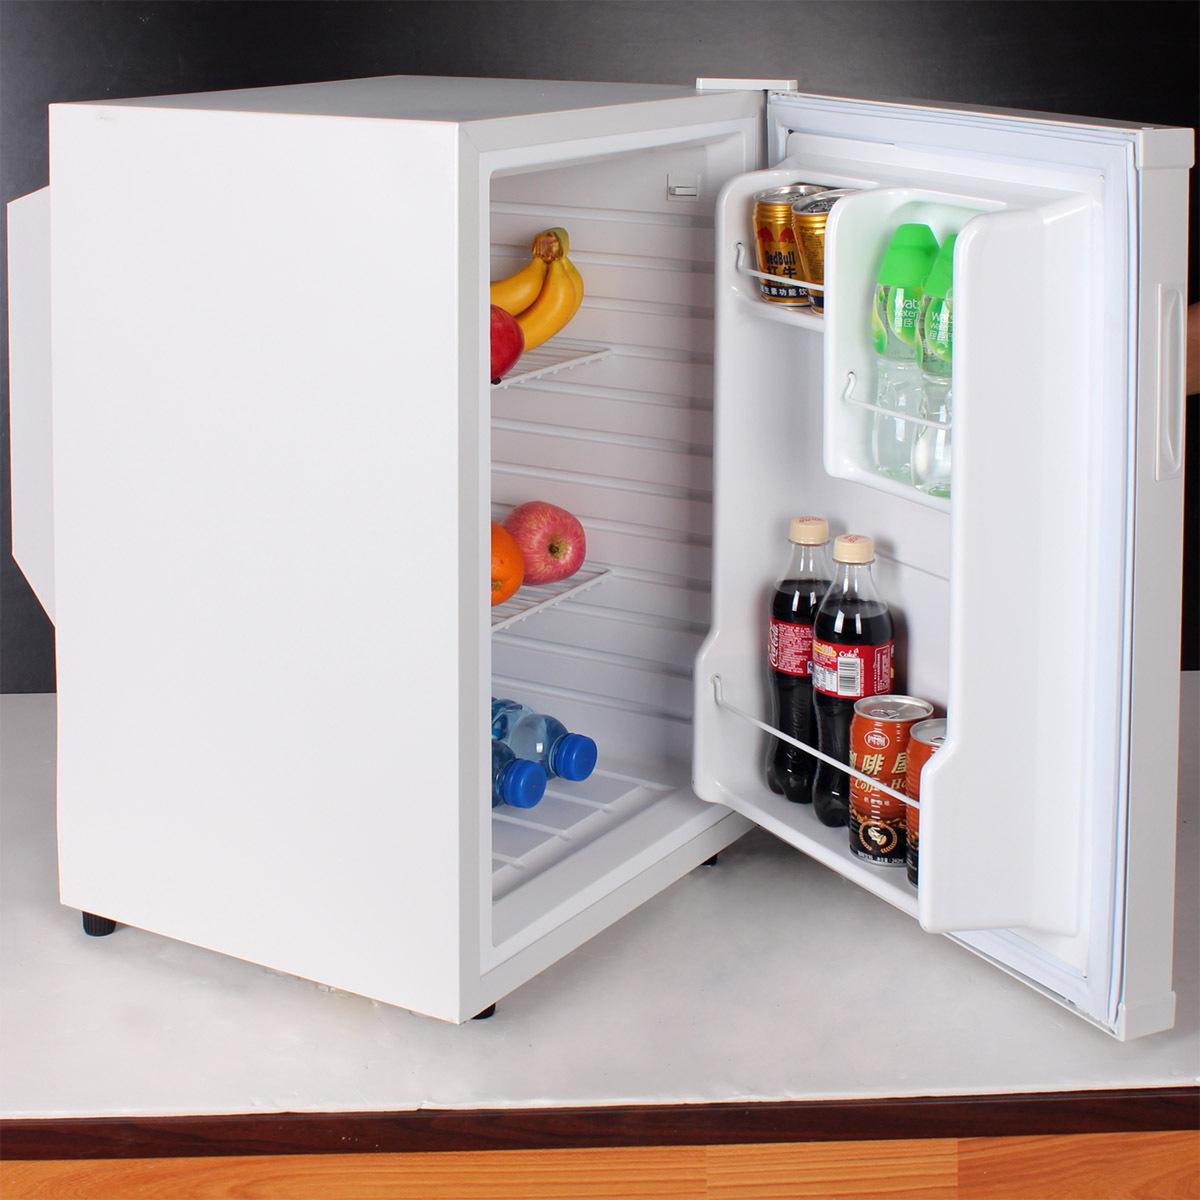 Холодильник Fuxin BC-65A Однокамерный холодильник 2009 Одна дверь Другие способы охлаждения 61-120 л